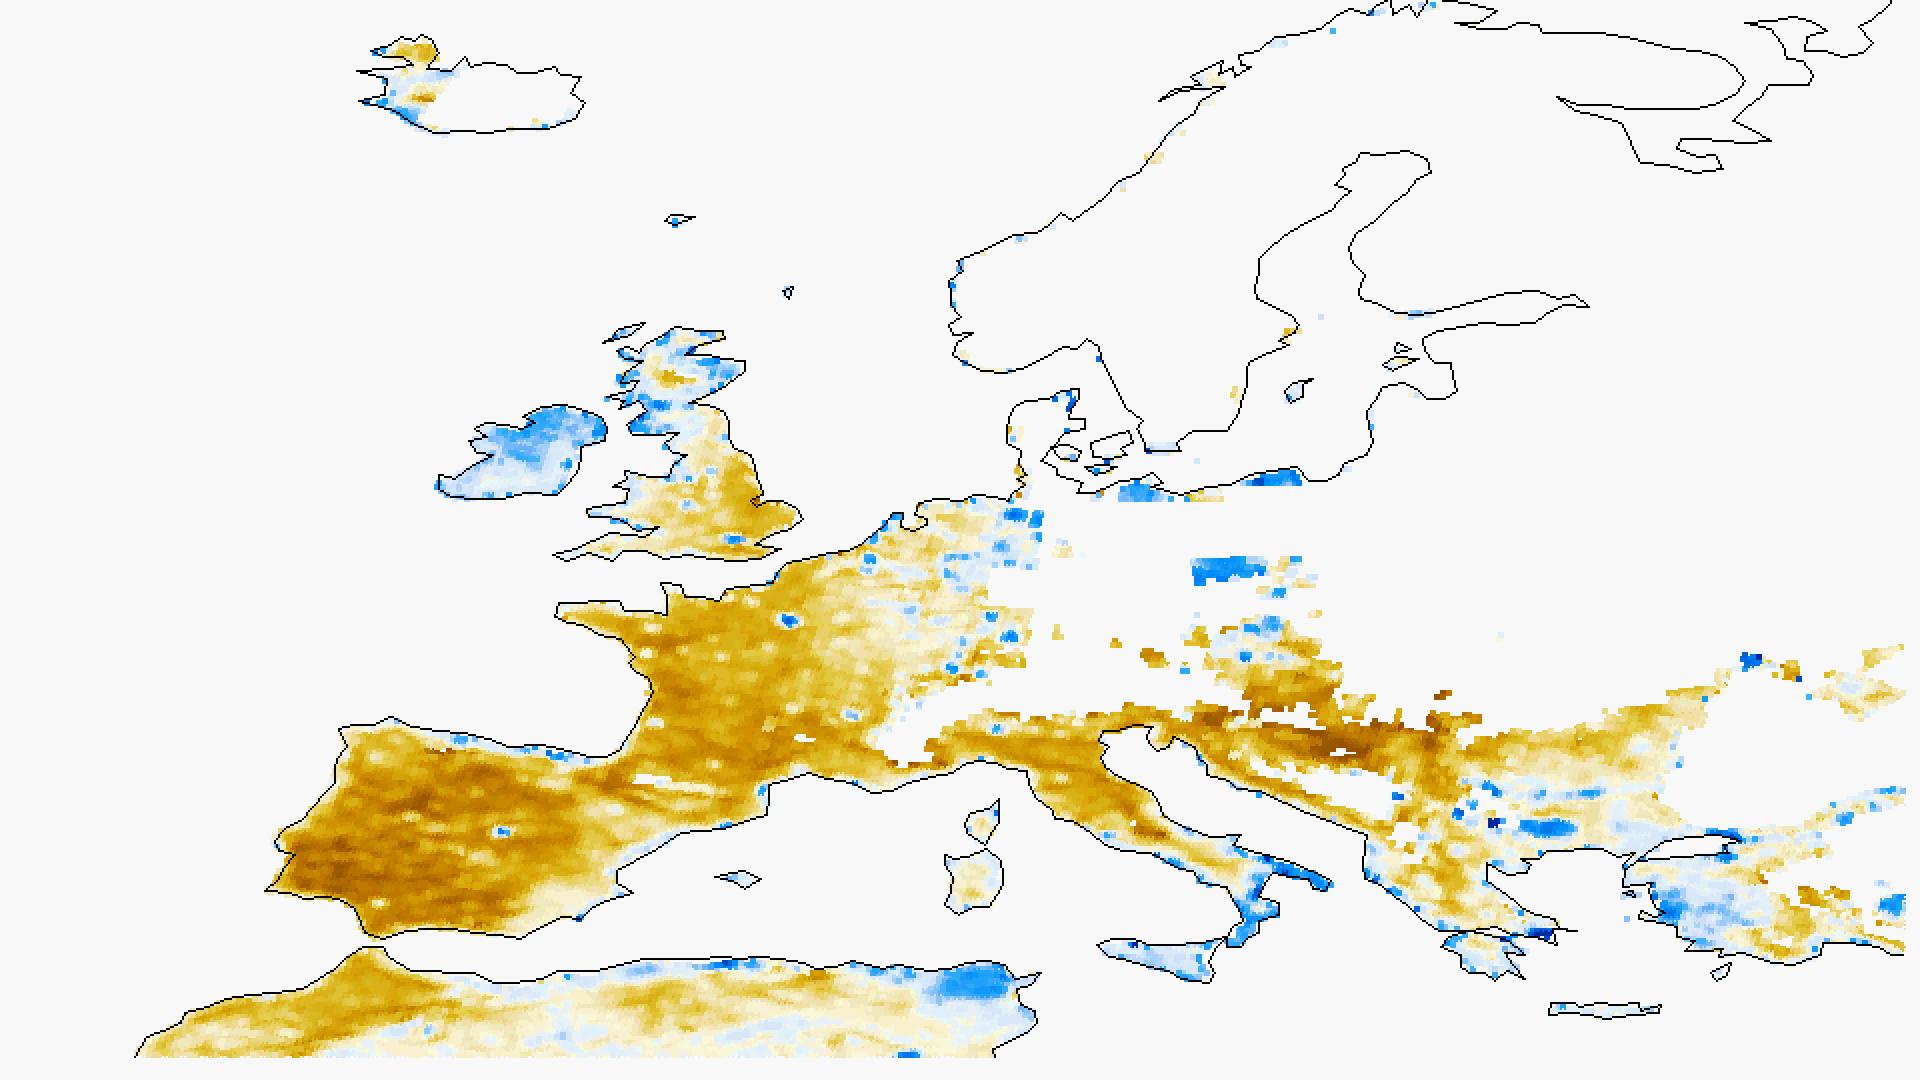 Soil moisture anomaly for February 2012